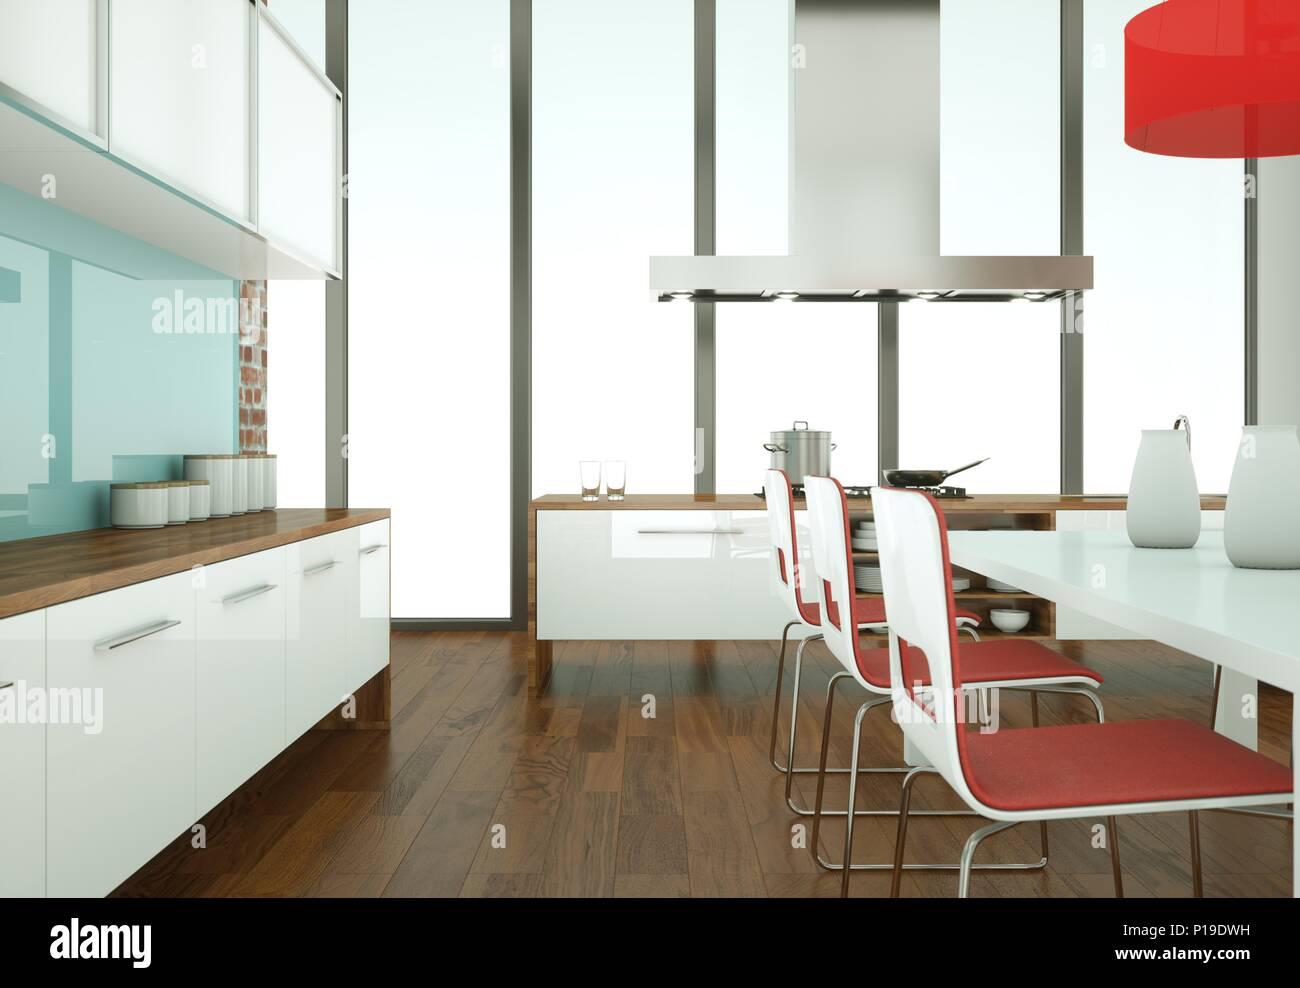 Schone Moderne Kuche Mit Tisch Und Stuhlen Klingeln Stockfoto Bild